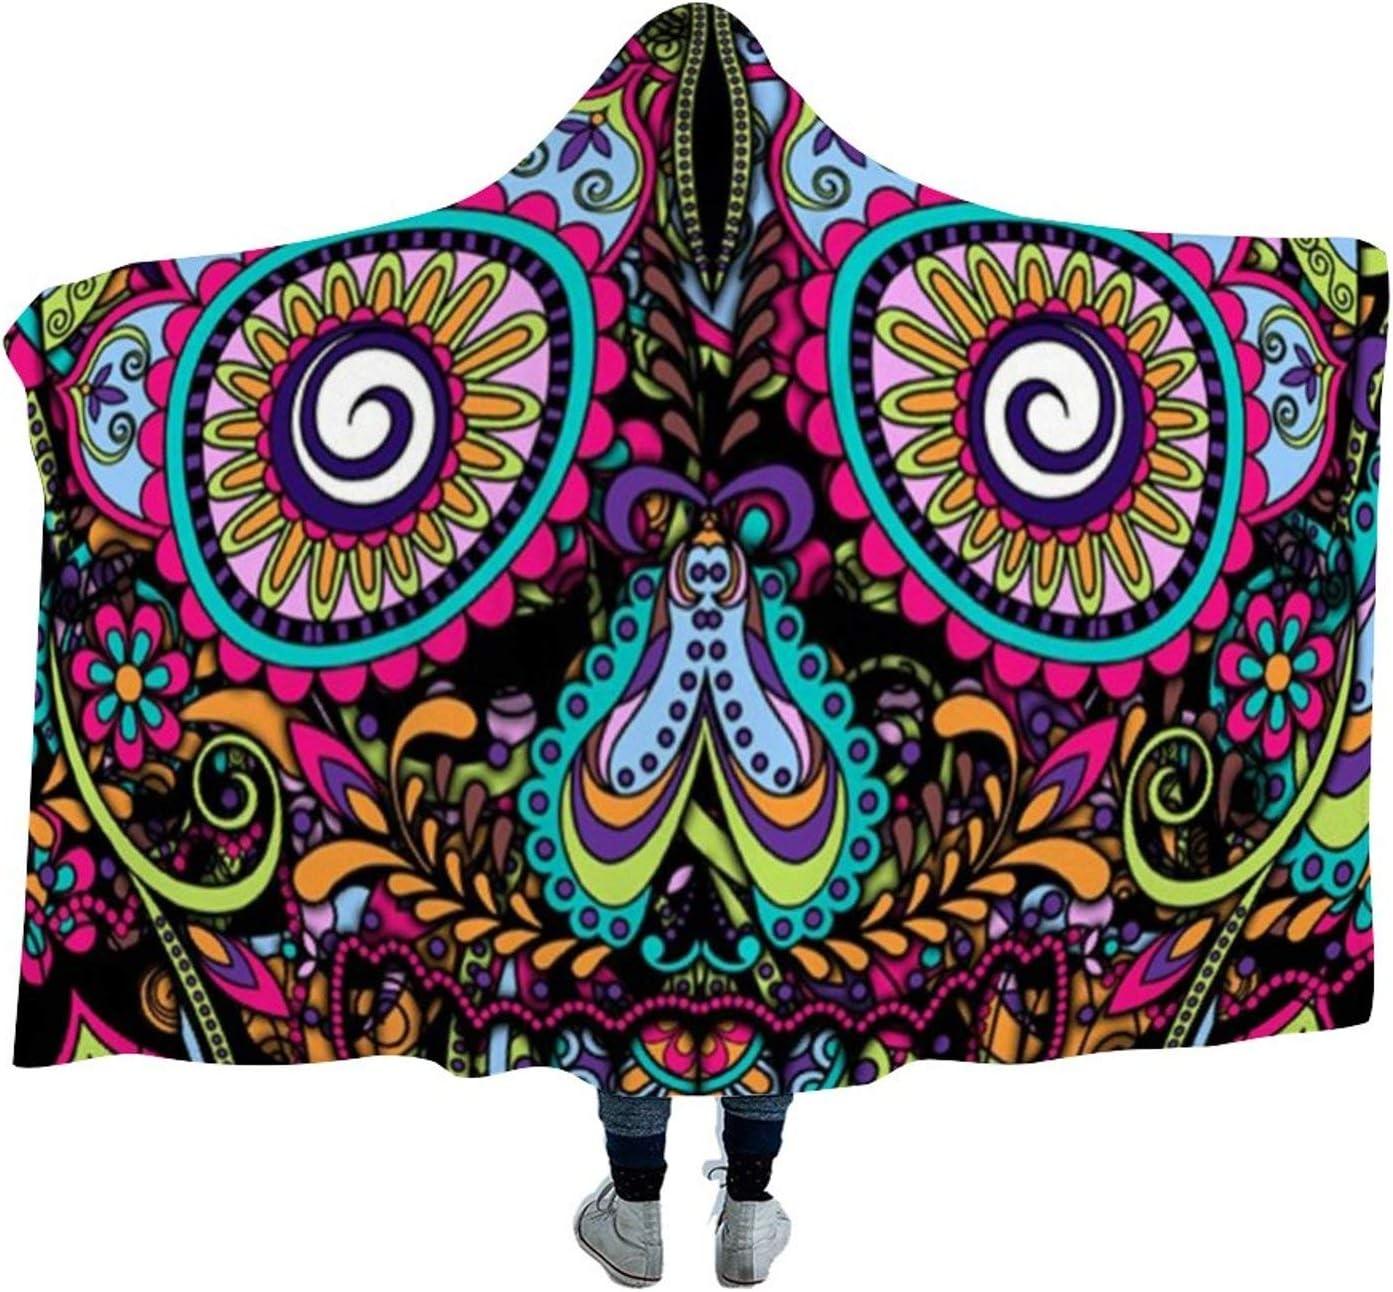 Super Soft Hooded It is very popular Blanket Día De Skull for Kids Calaveras Sale SALE% OFF Sugar